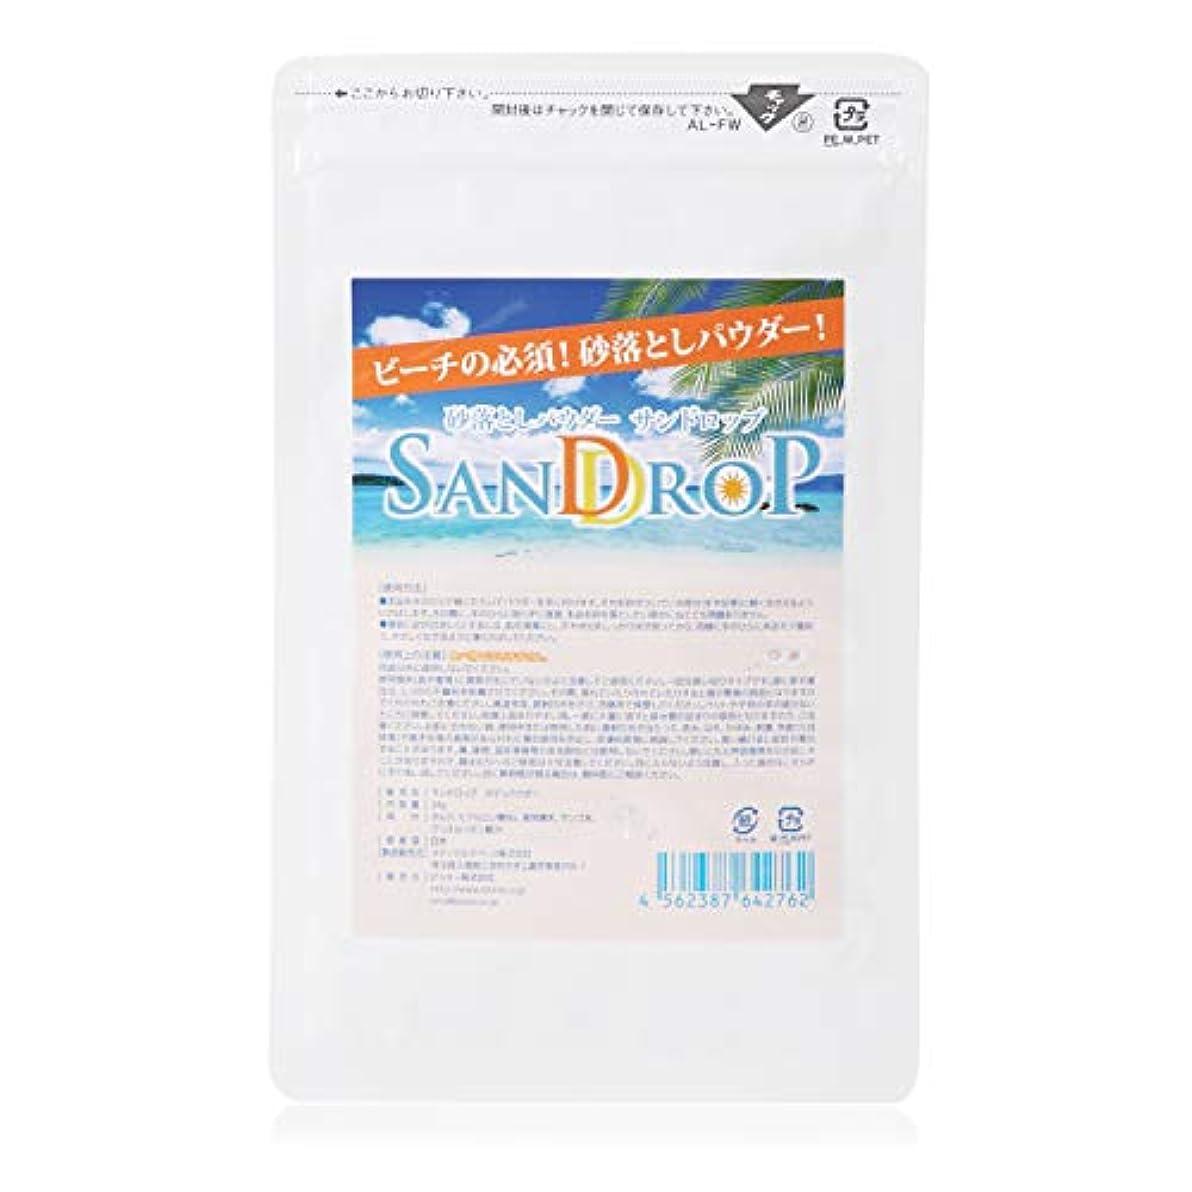 ホラー計算山積みの【ビーチの必須!】 砂落としパウダー SanDroP パウダーバッグ(不織布)タイプ 日本製